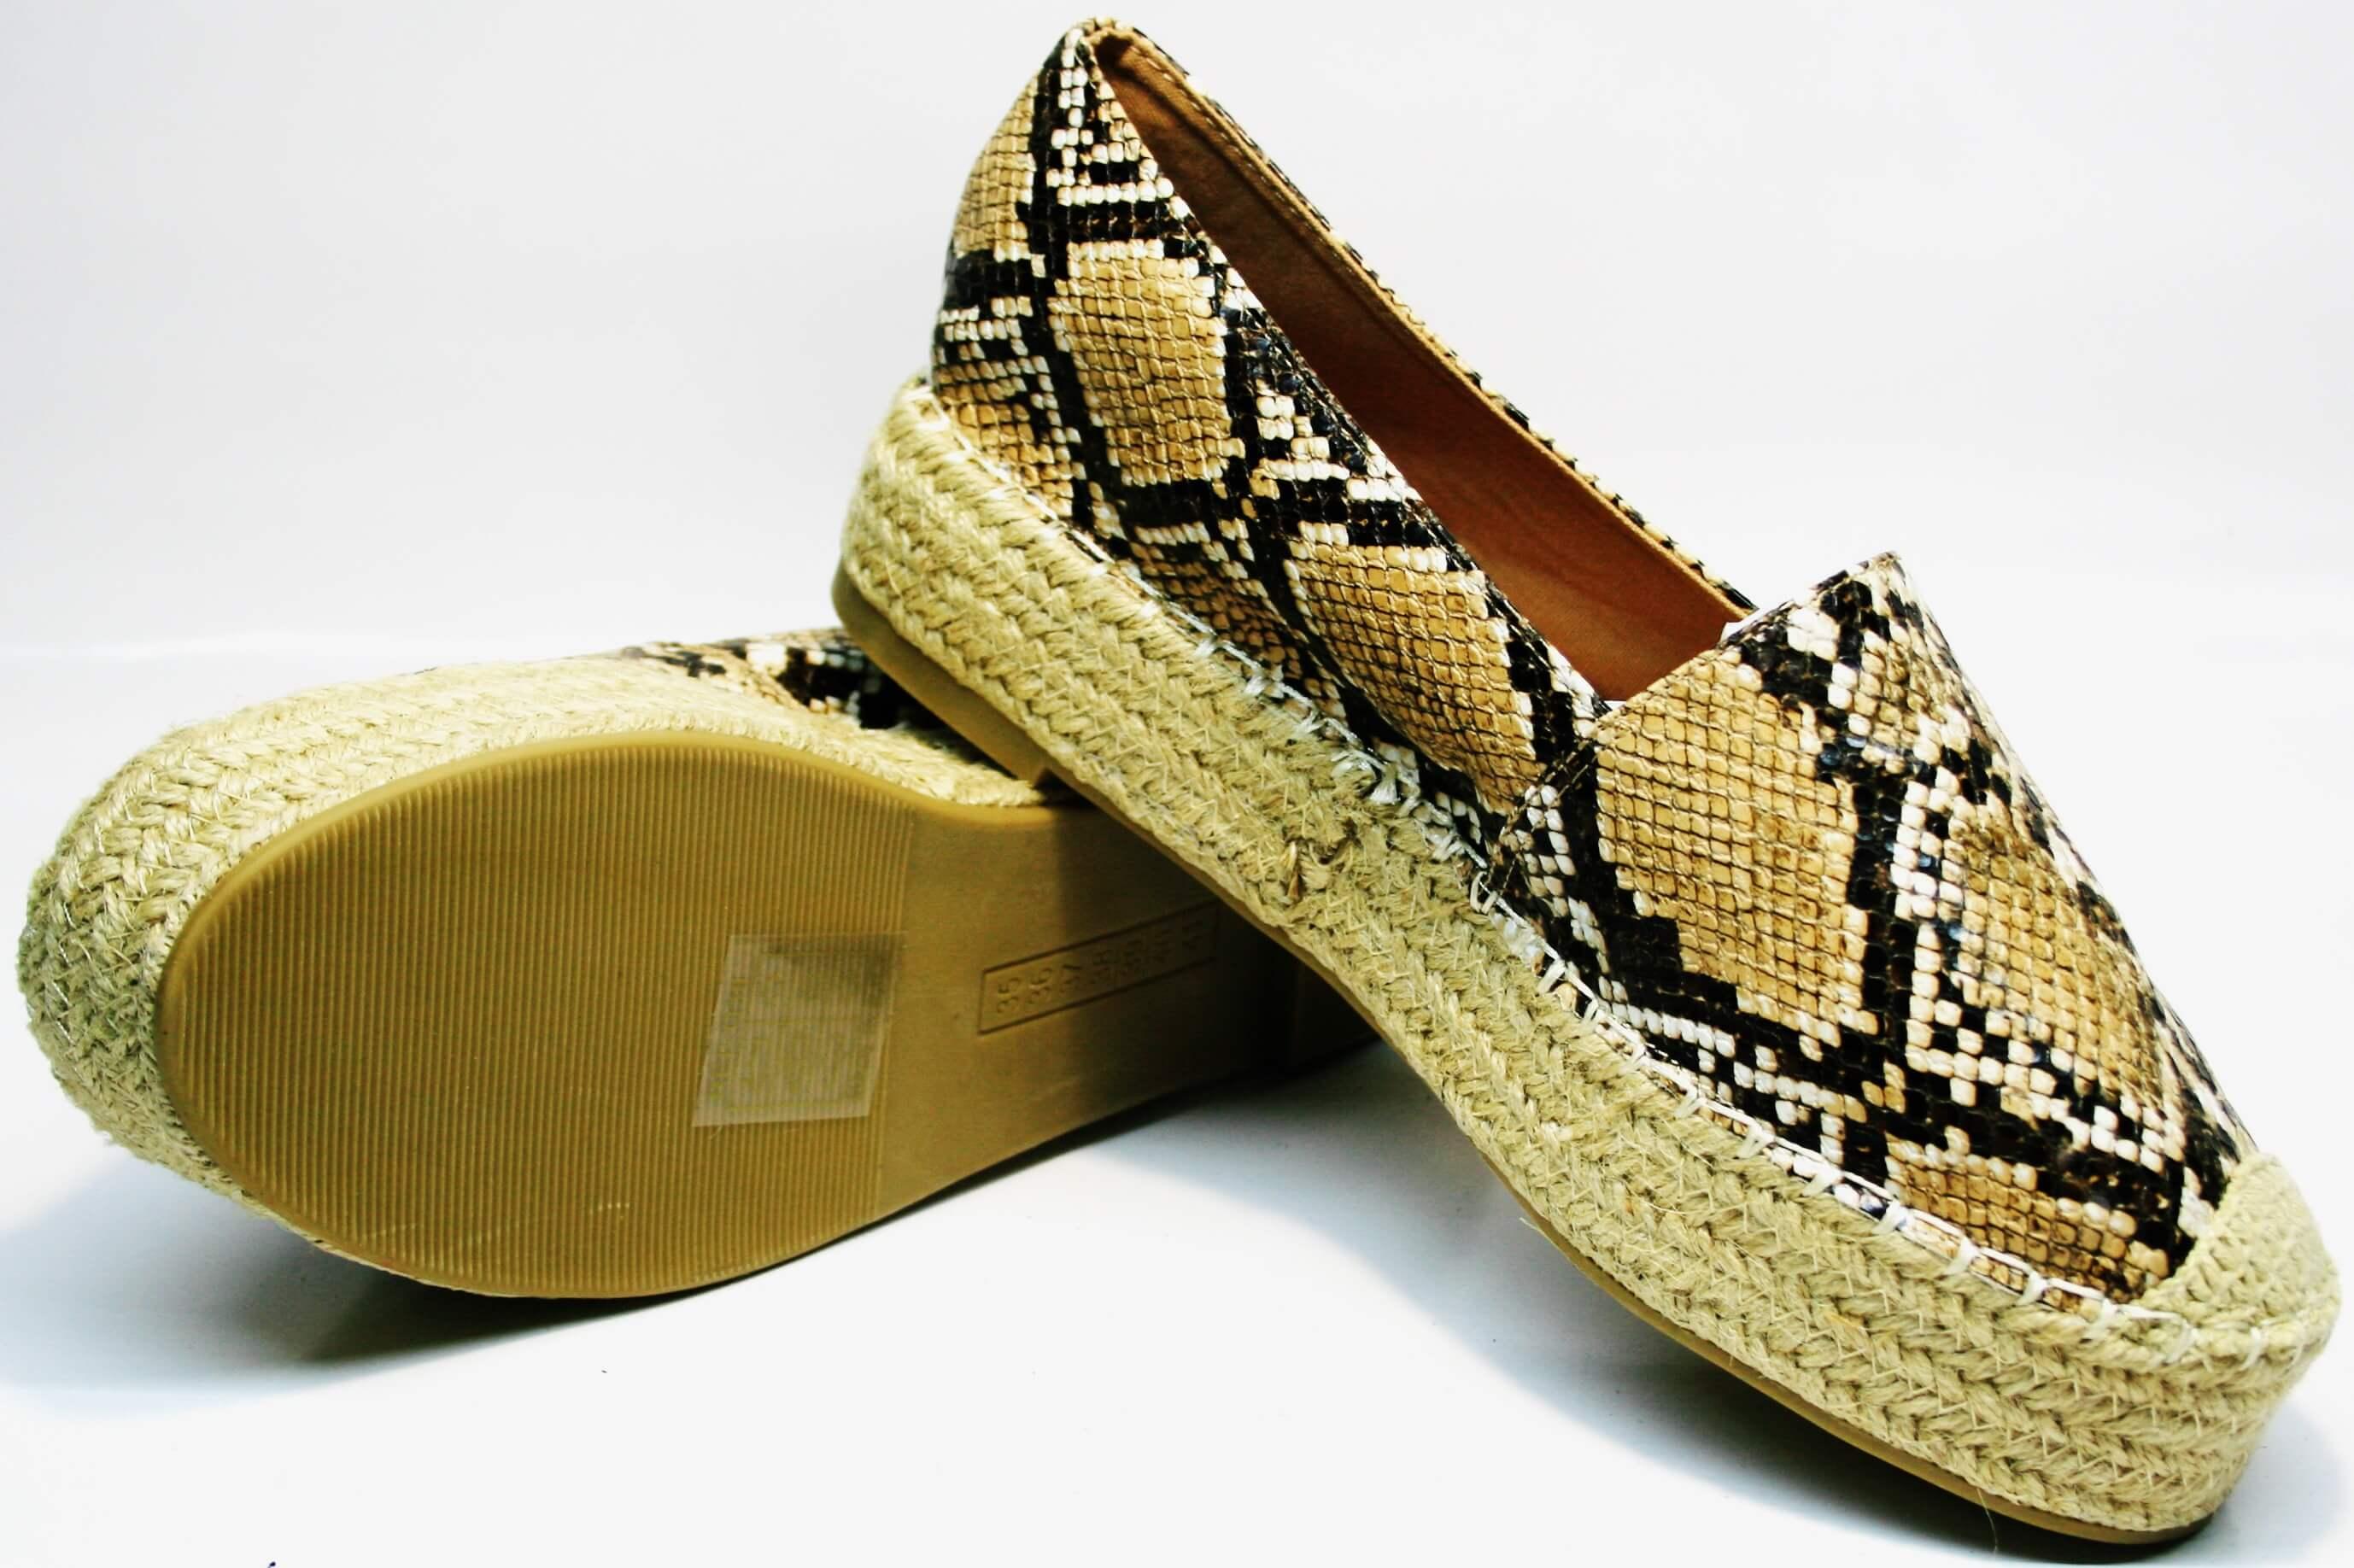 3193dc0d Модные эспадрильи на платформе 3 см Lilyshoes Q-38snake - женские летние  туфли на платформе в этническом стиле. Производители